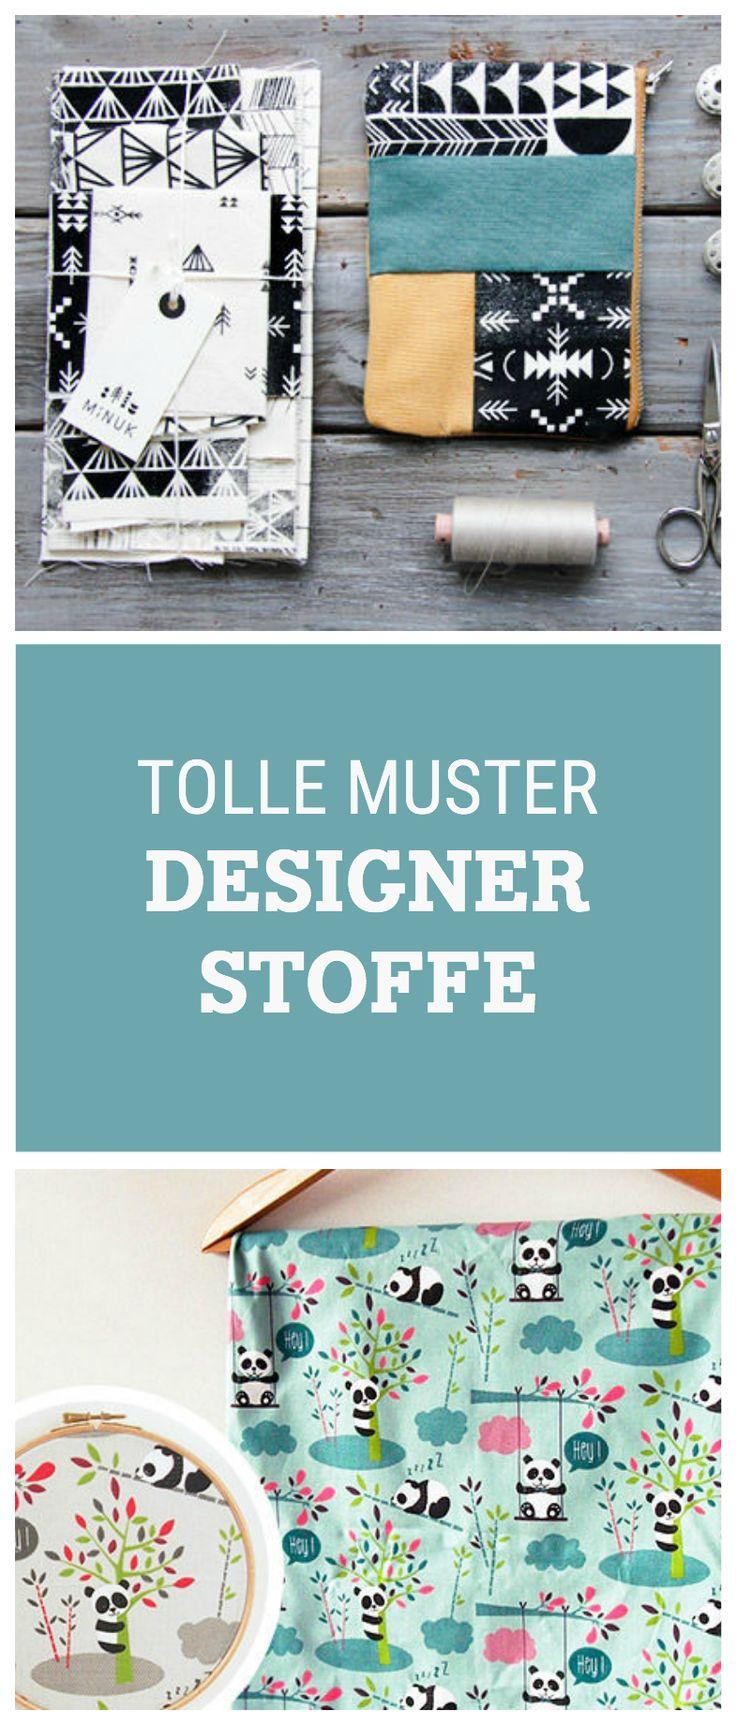 Entdecke tolle Stoffe mit Mustern für Deine nächsten Nähprojekte, gemusterte Stoffe / fabrics with different colorful patterns and prints via DaWanda.com